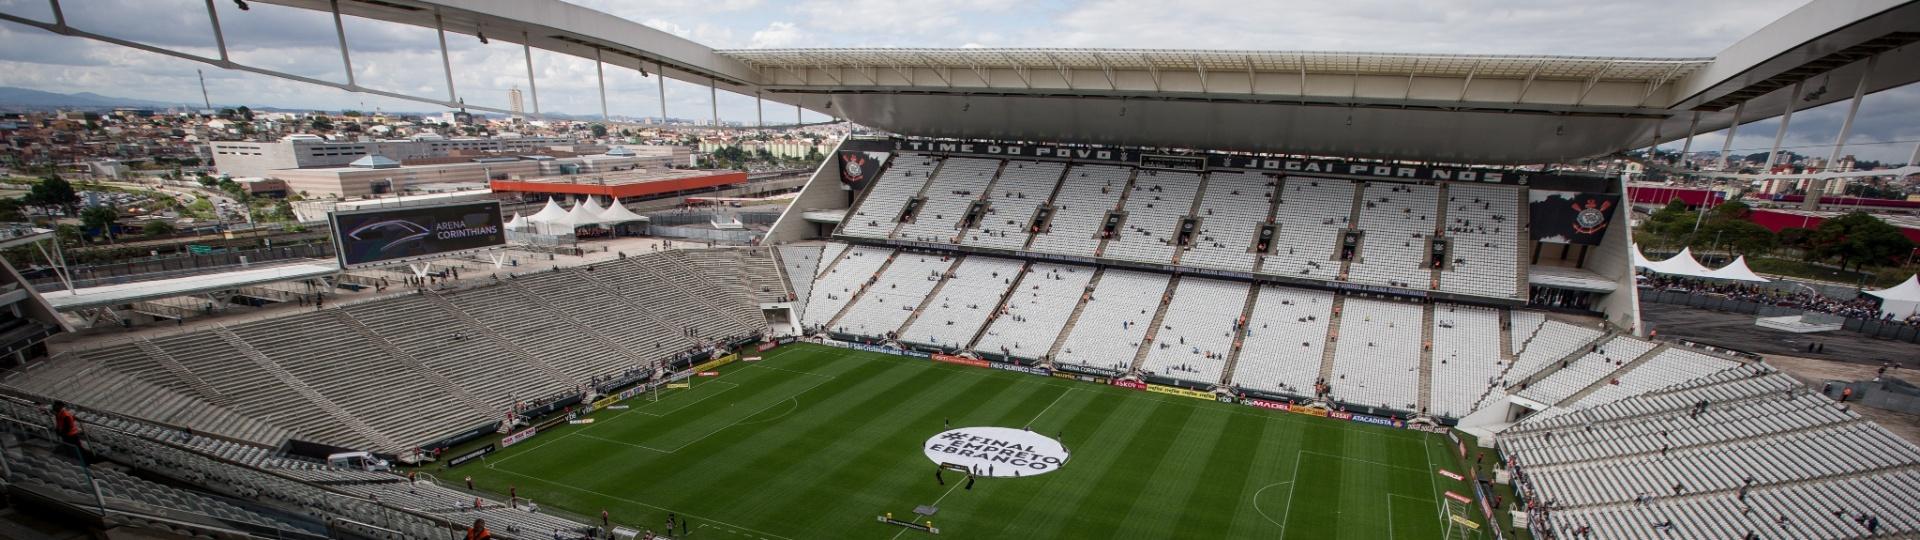 Arena Corinthians momentos antes da final do Paulistão 2017, entre Corinthians e Ponte Preta